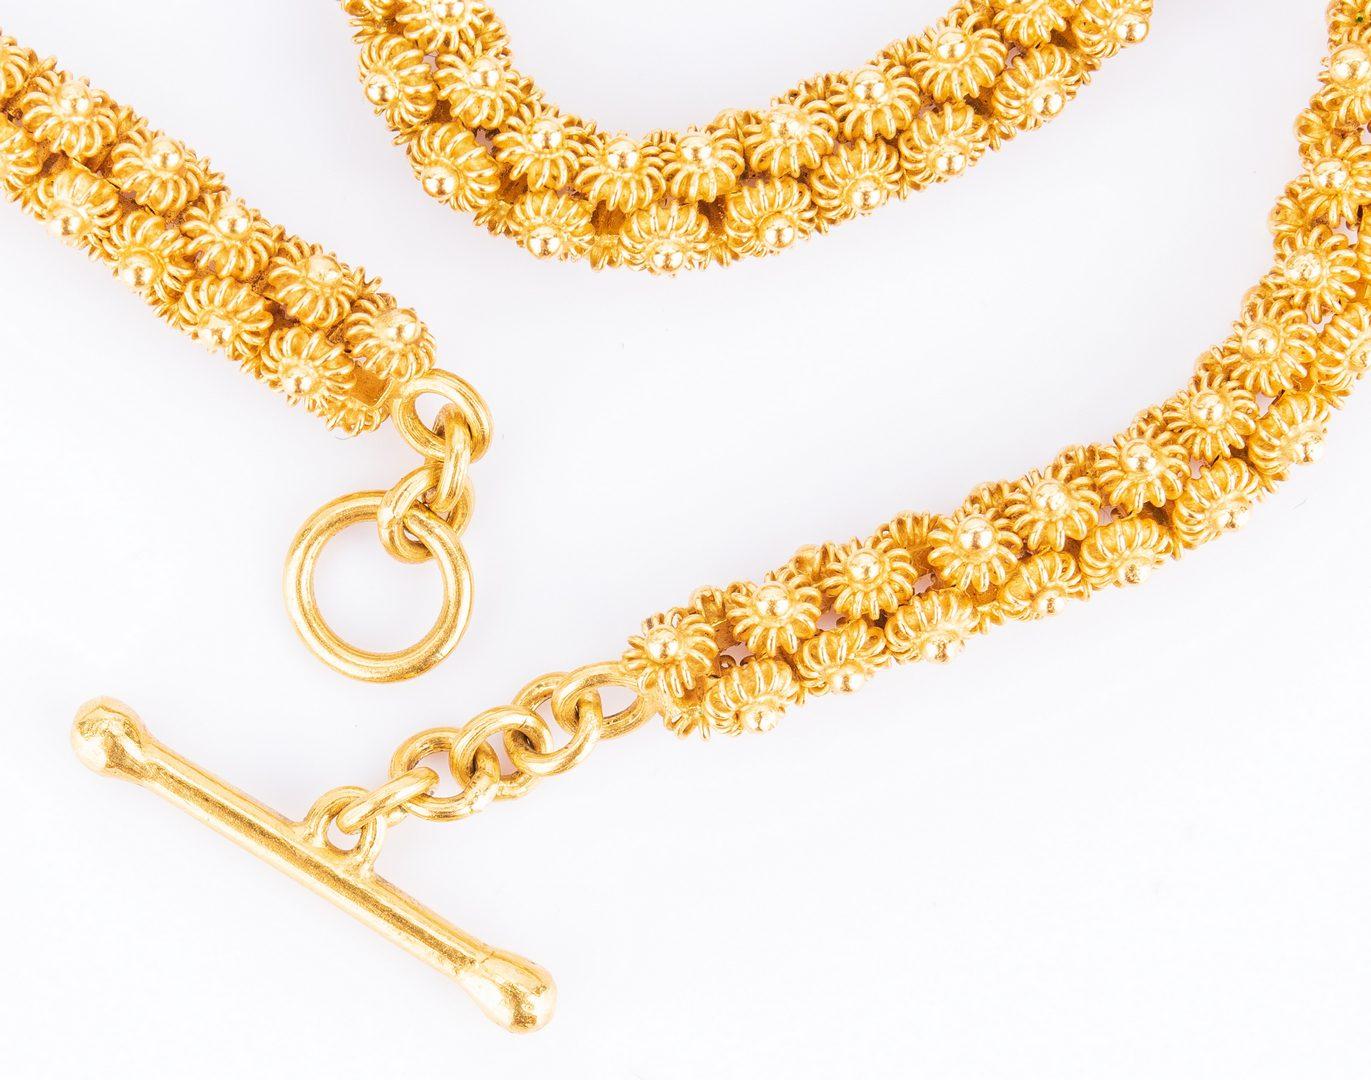 """Lot 27: 22K 36"""" L chain Necklace, 90 grams"""